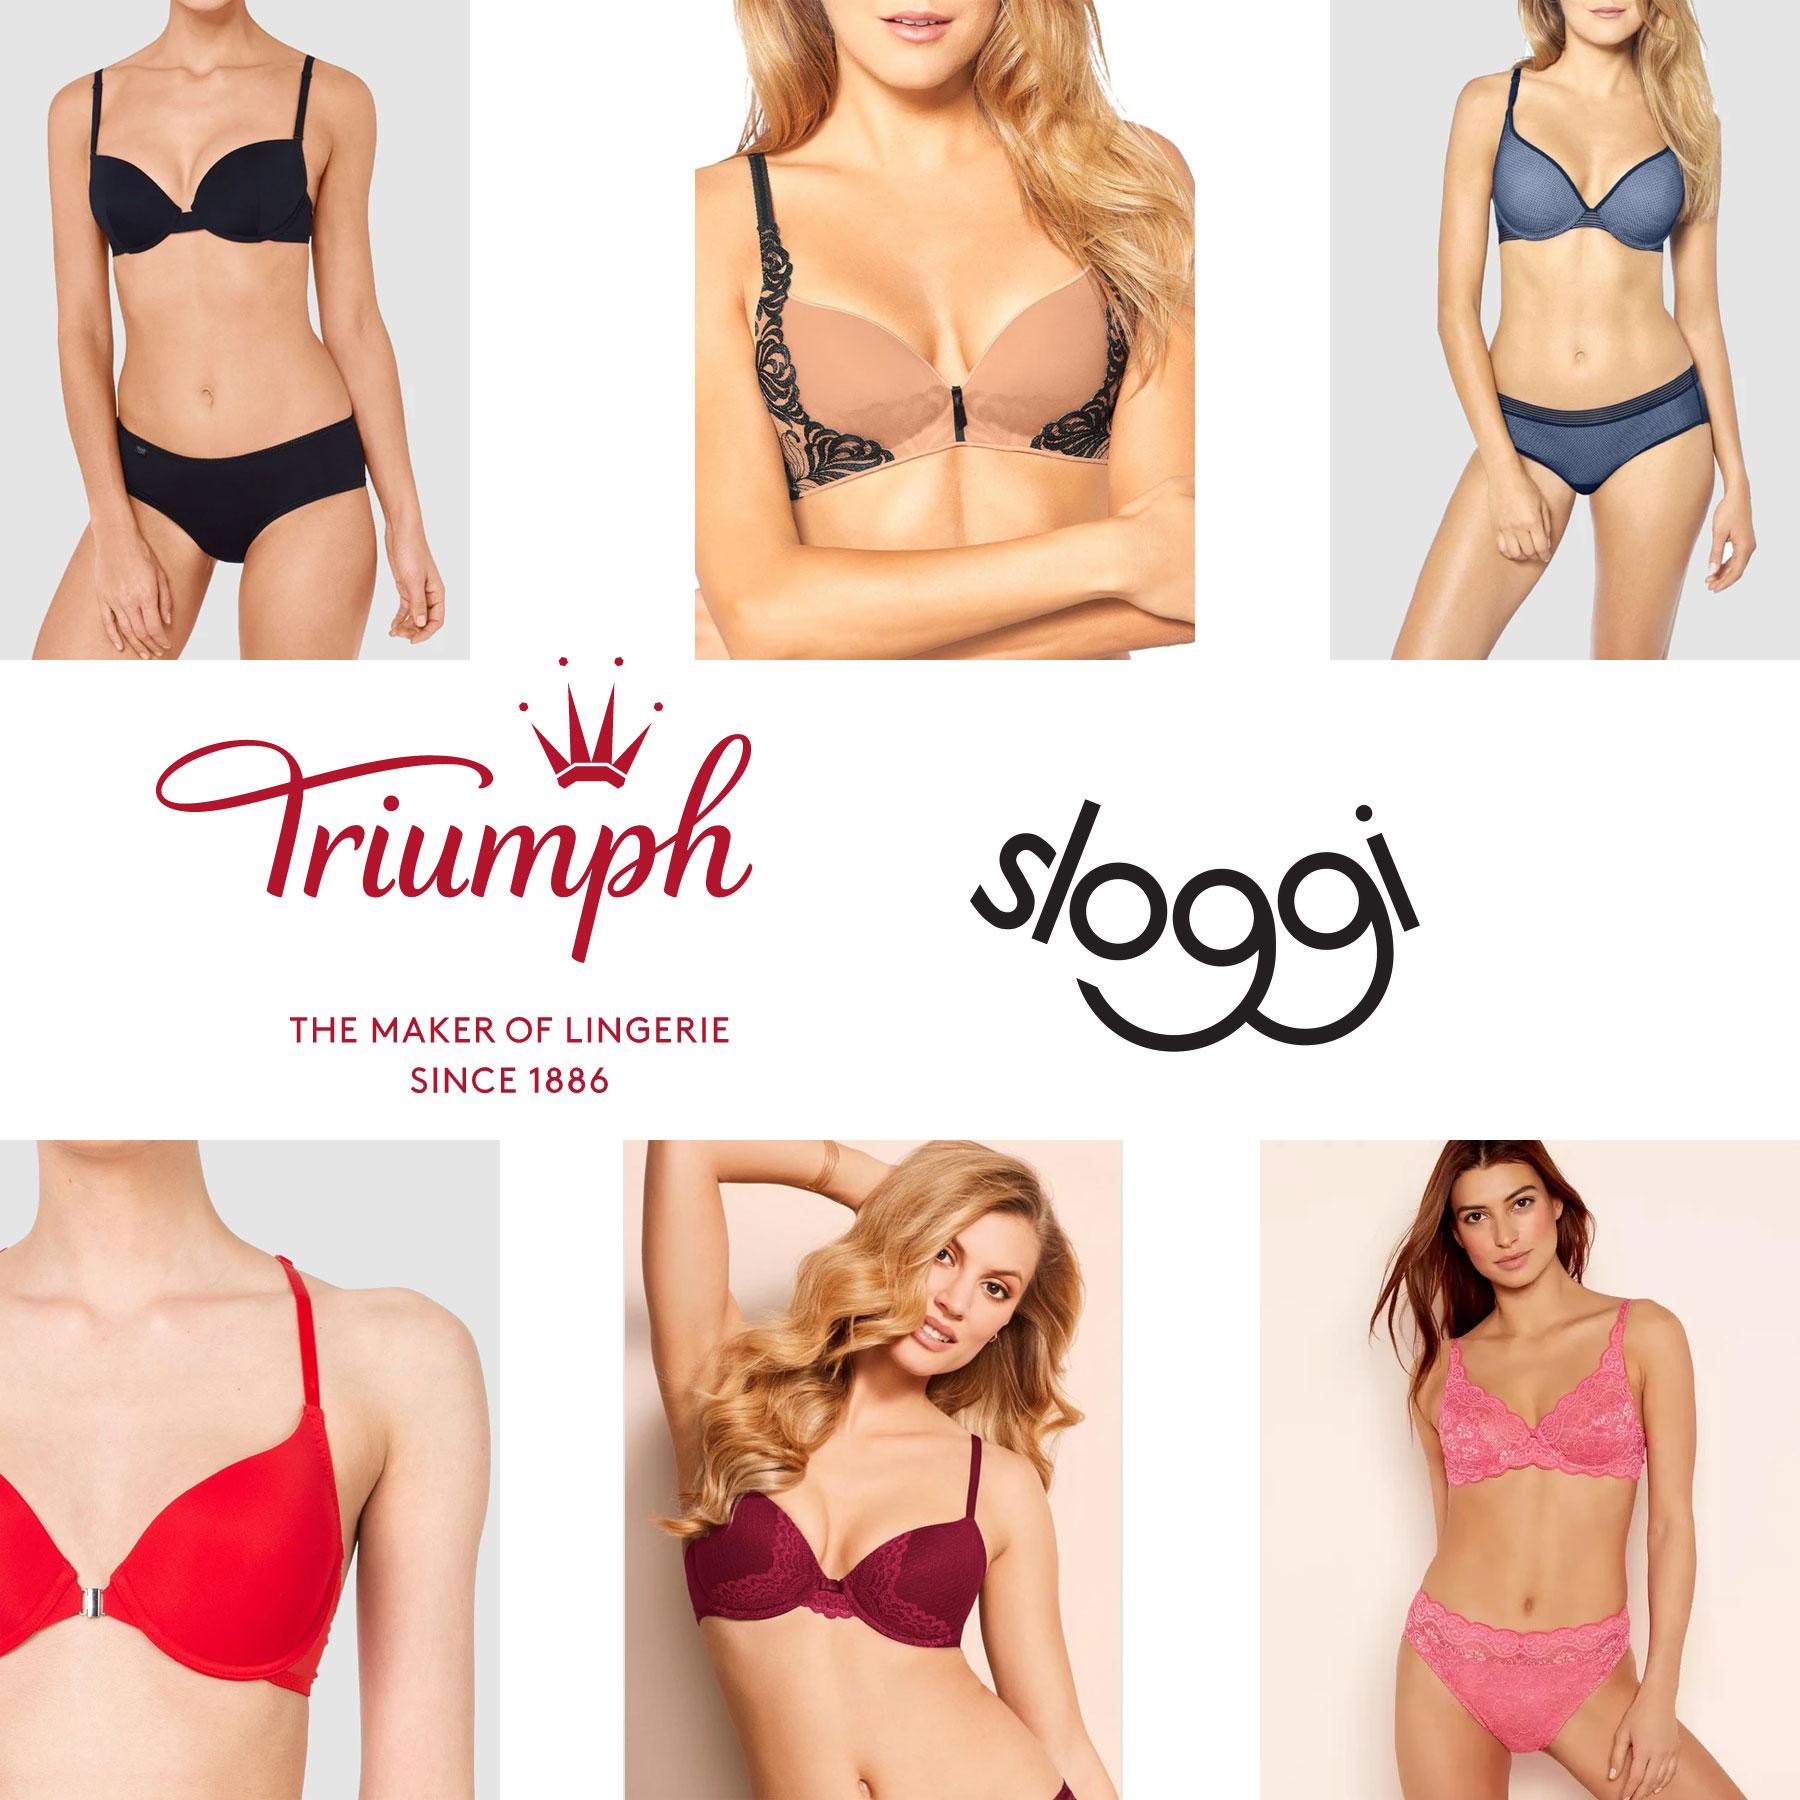 Triumph & Sloggi -70% + 20% EXTRA